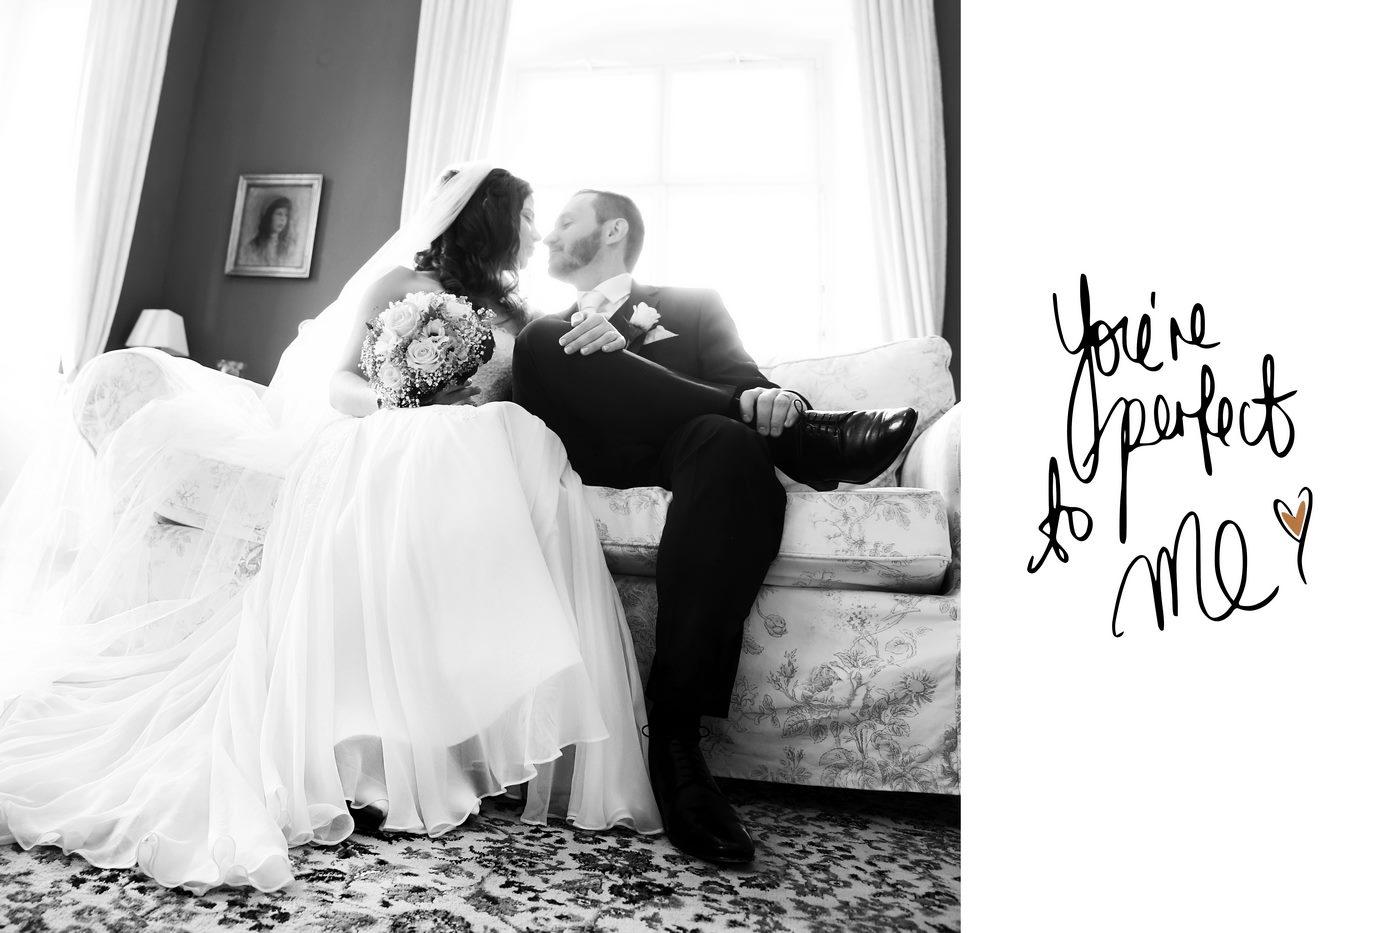 Foto eines Brautpaares in schwwarzweiß mit Schriftzug